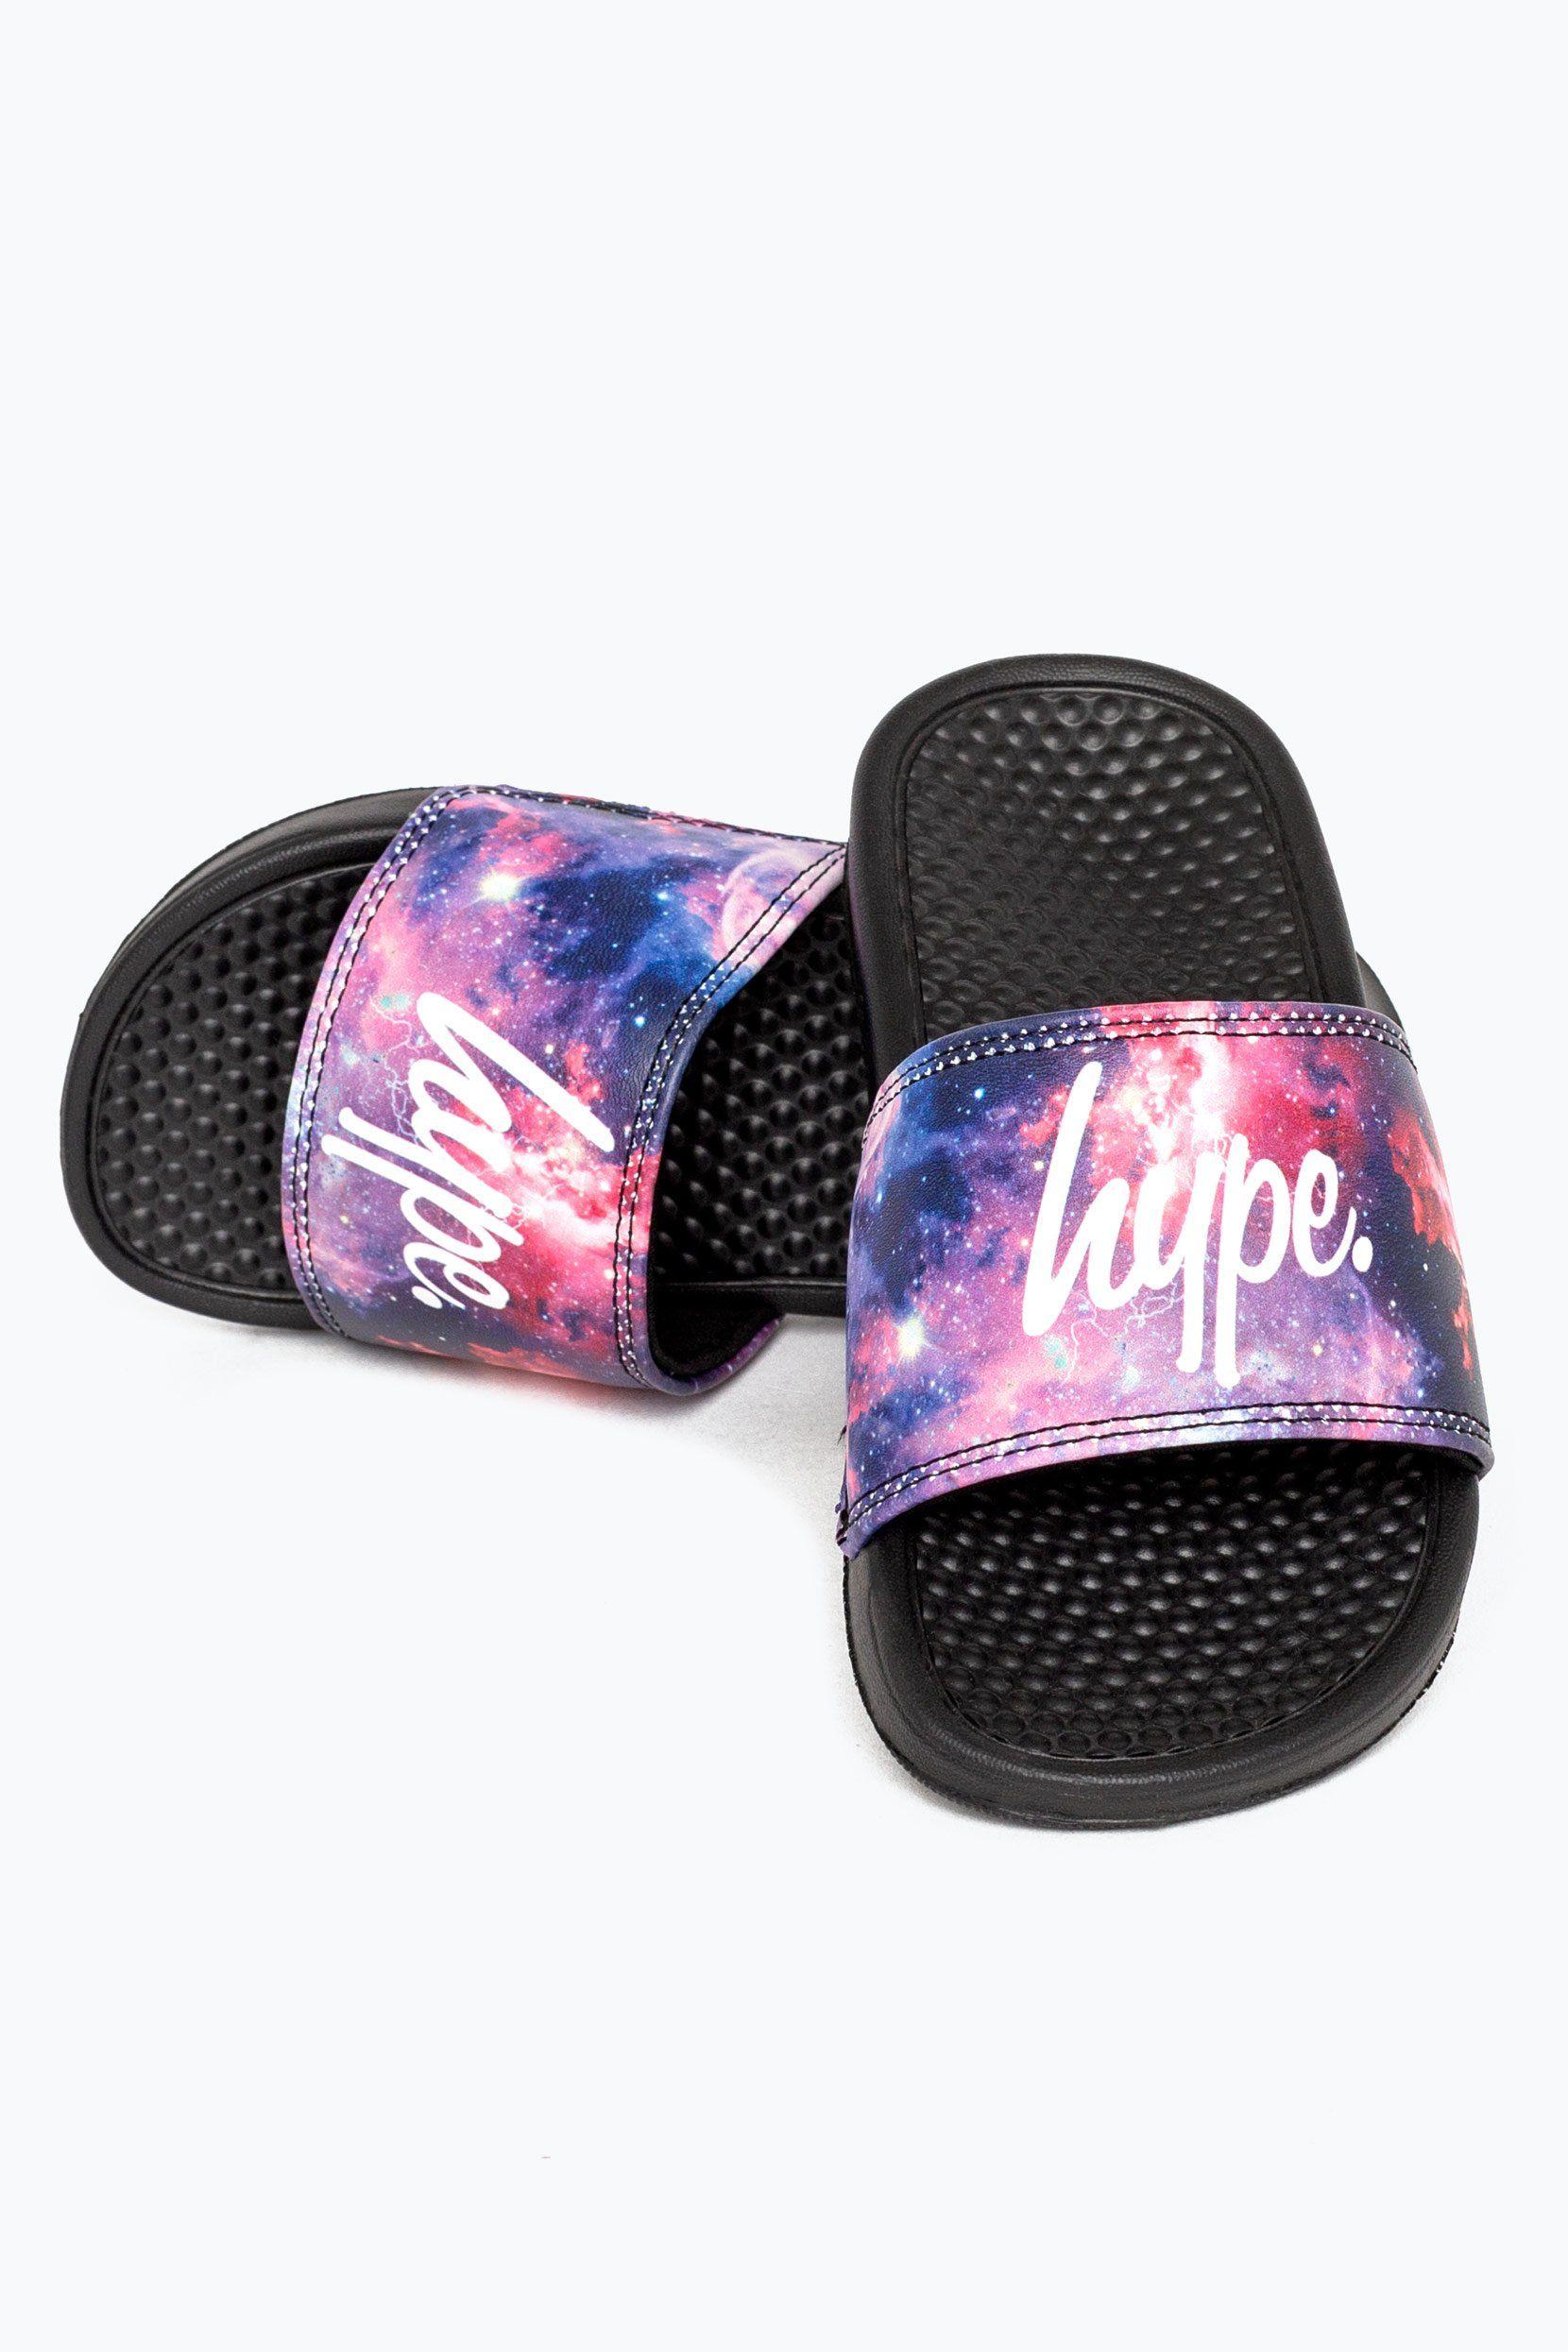 Hype Black Fired Up Kids Sliders